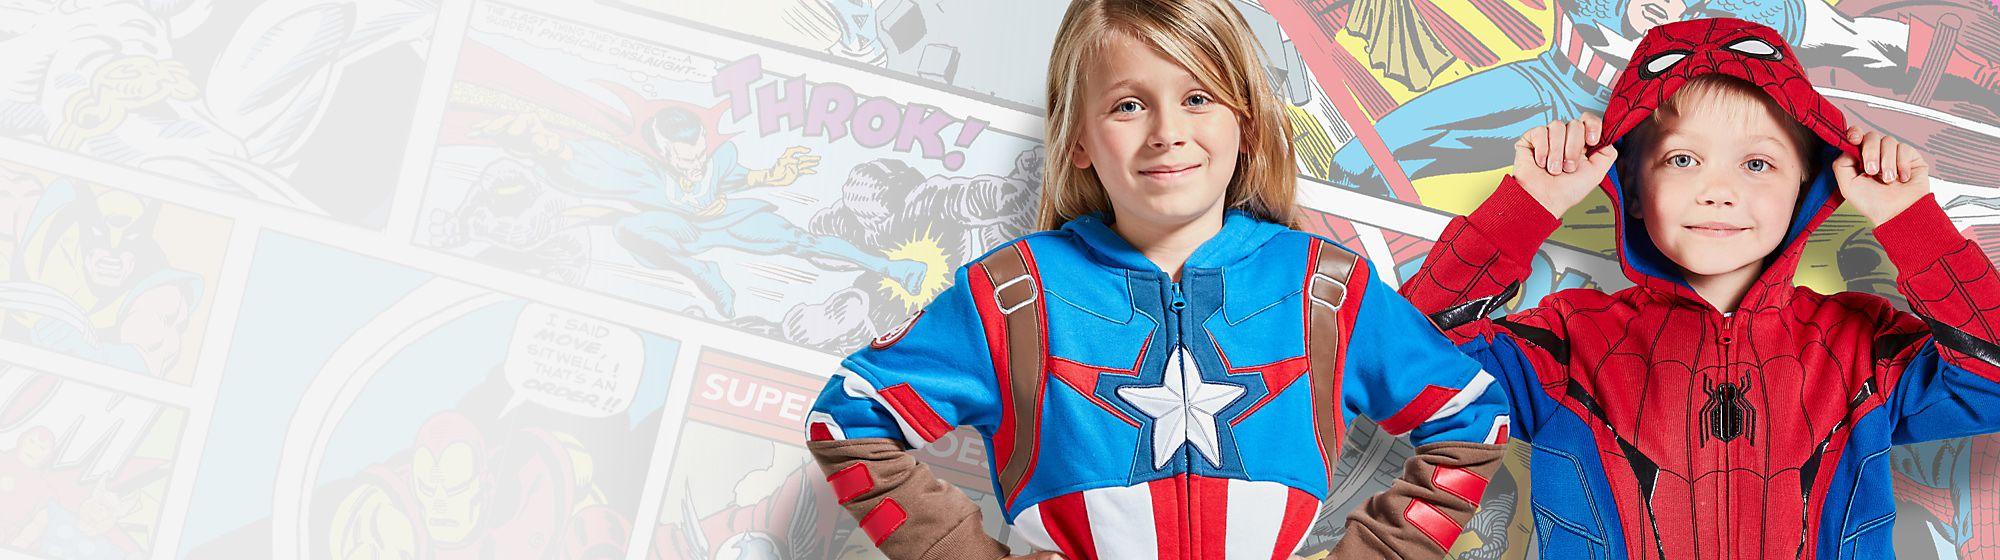 Marvel für Kinder Wähle aus unserer Vielfalt an Spielzeug, Bekleidung, Schuhen und Kostümen inspiriert von Spider-Man, Iron Man und Thor das perfekte Marvel Geschenk für Kinder